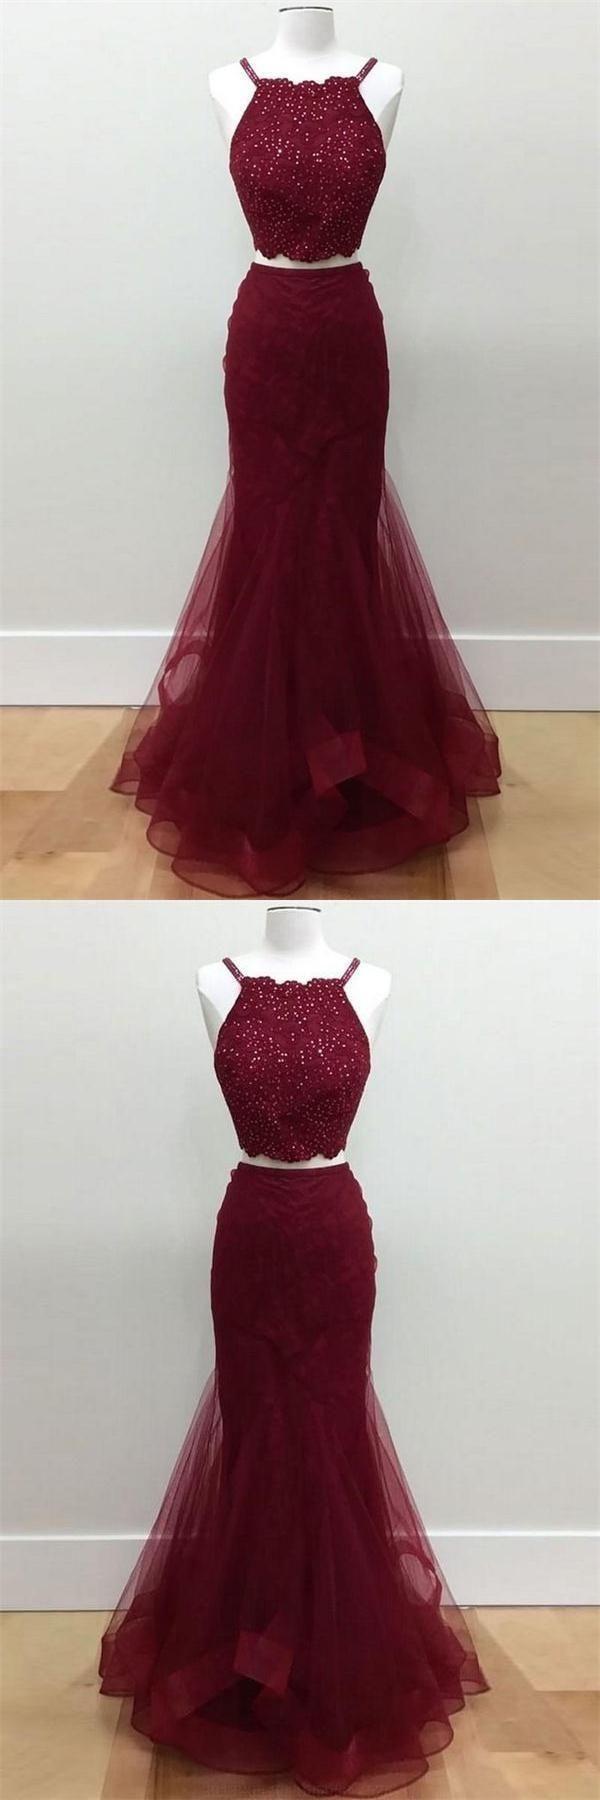 Mermaid prom dress simple prom dress lace prom dress prom dress